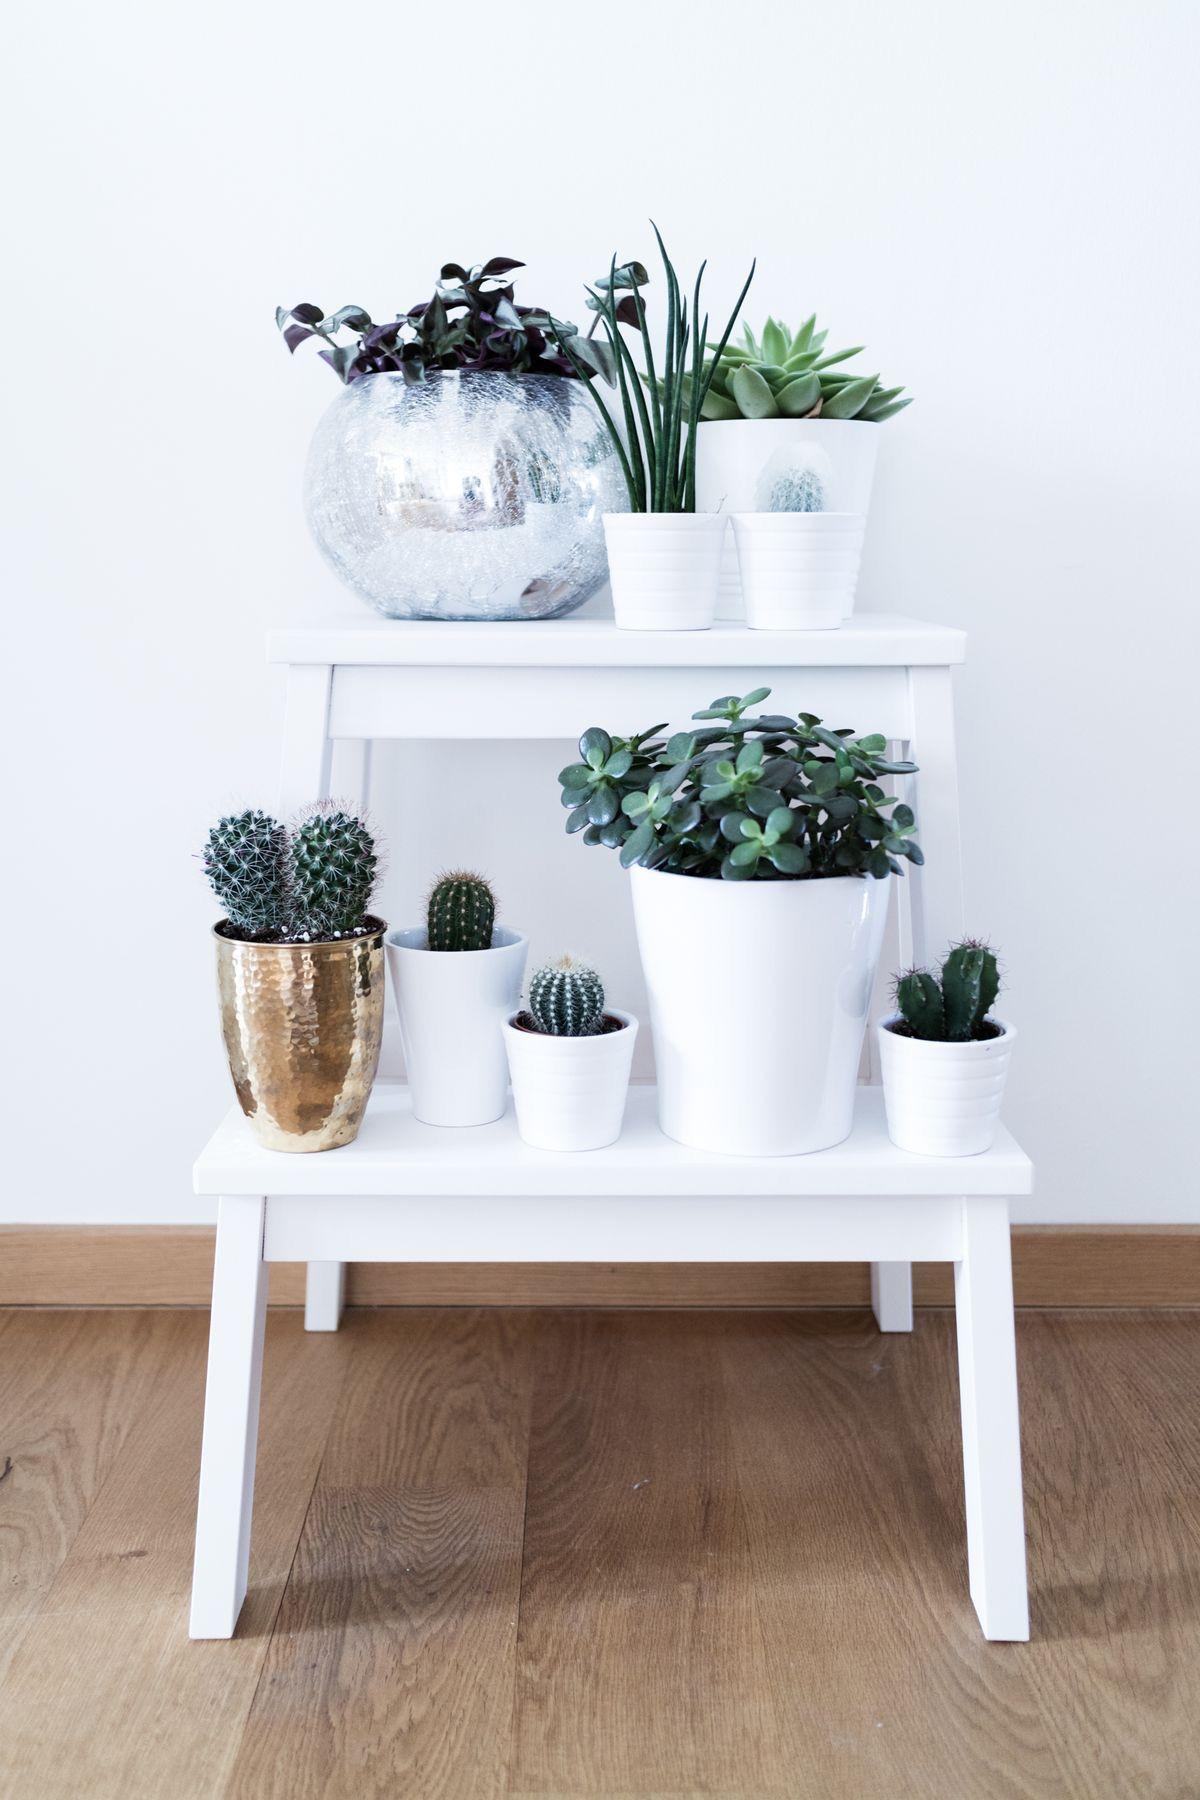 Pin von Domino auf petals & leaves | Pinterest | Pflanzen, Wohnen ...